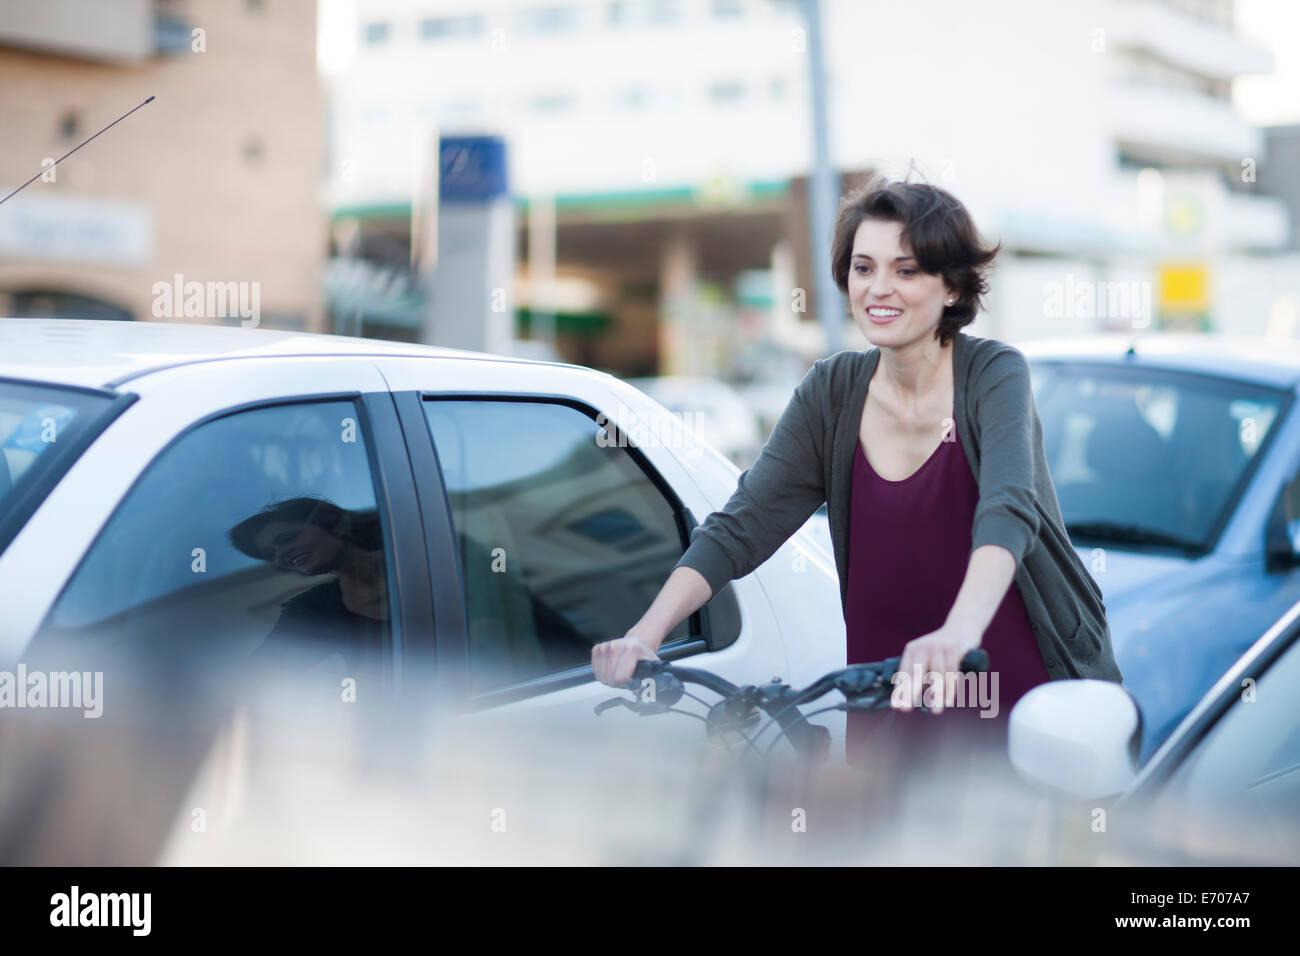 Les jeunes cyclistes de sexe féminin par la navette city traffic jam Photo Stock